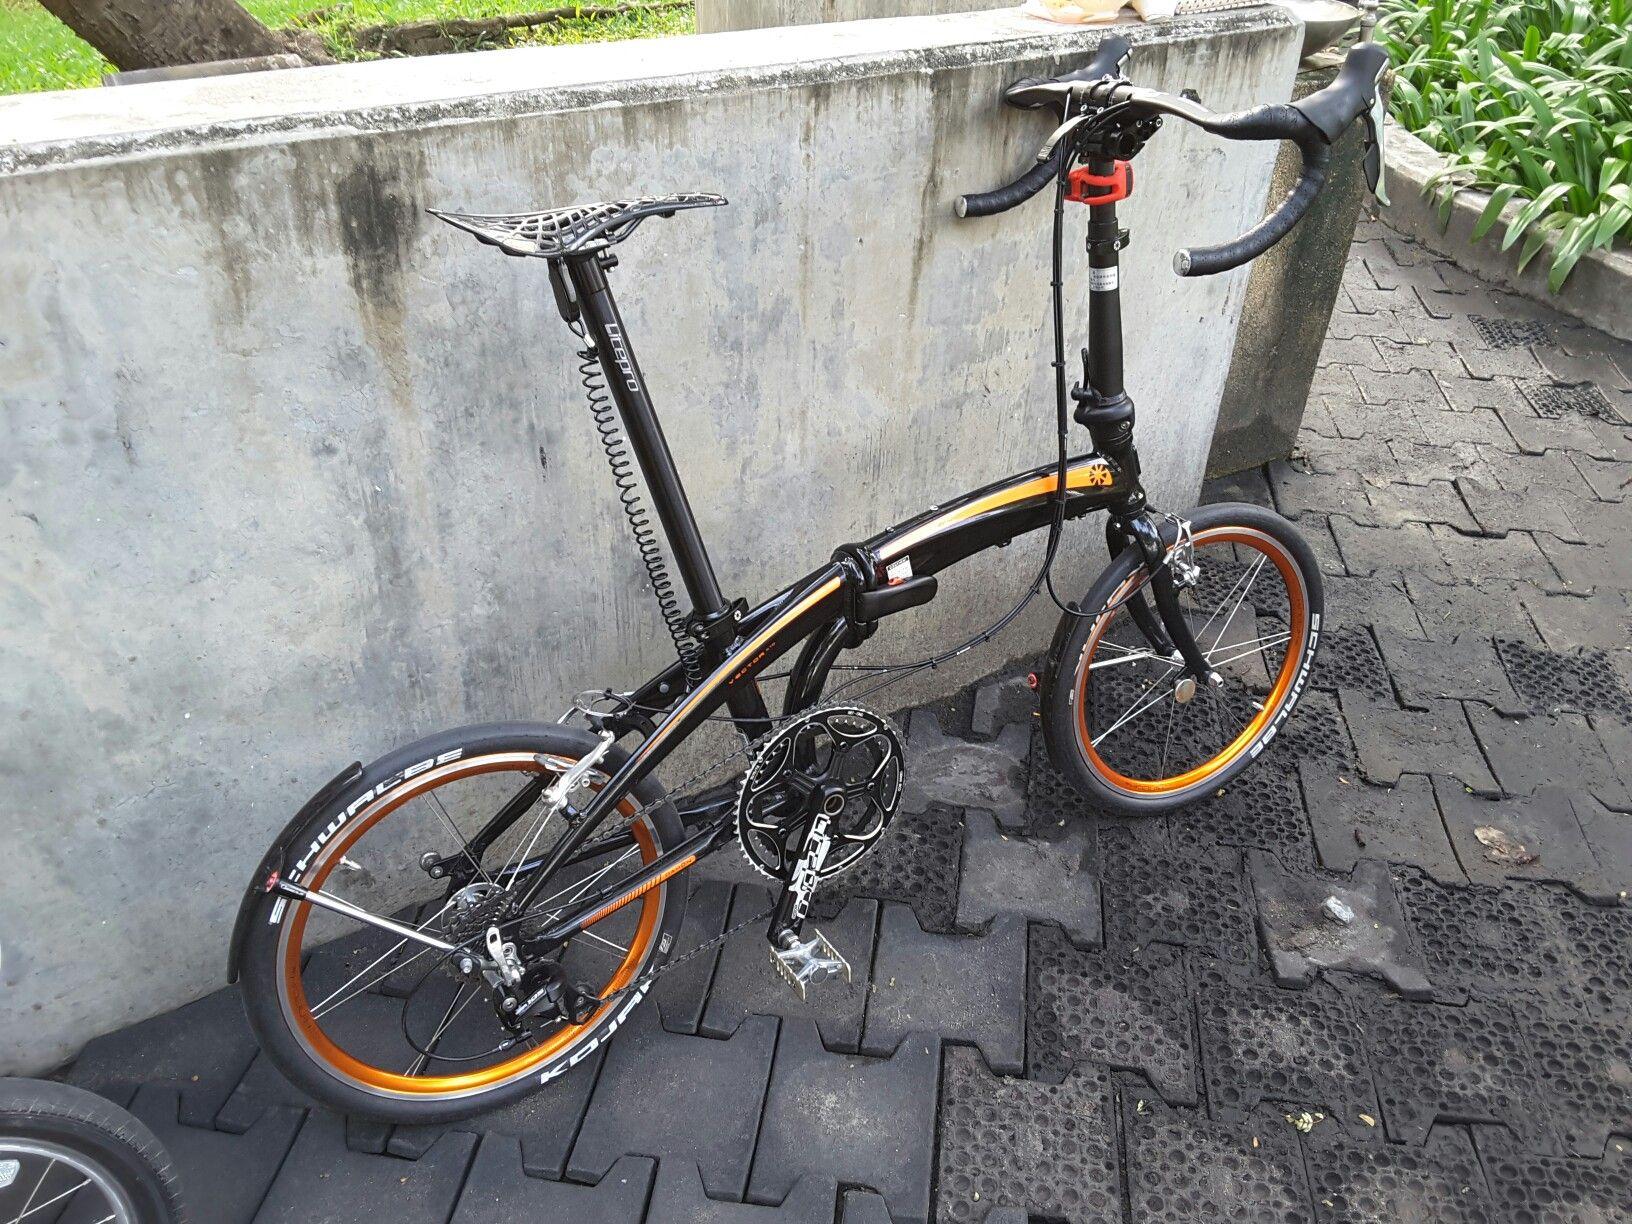 ปักพินโดย Foremost ใน My Dahon Vector X11 Bicicletas